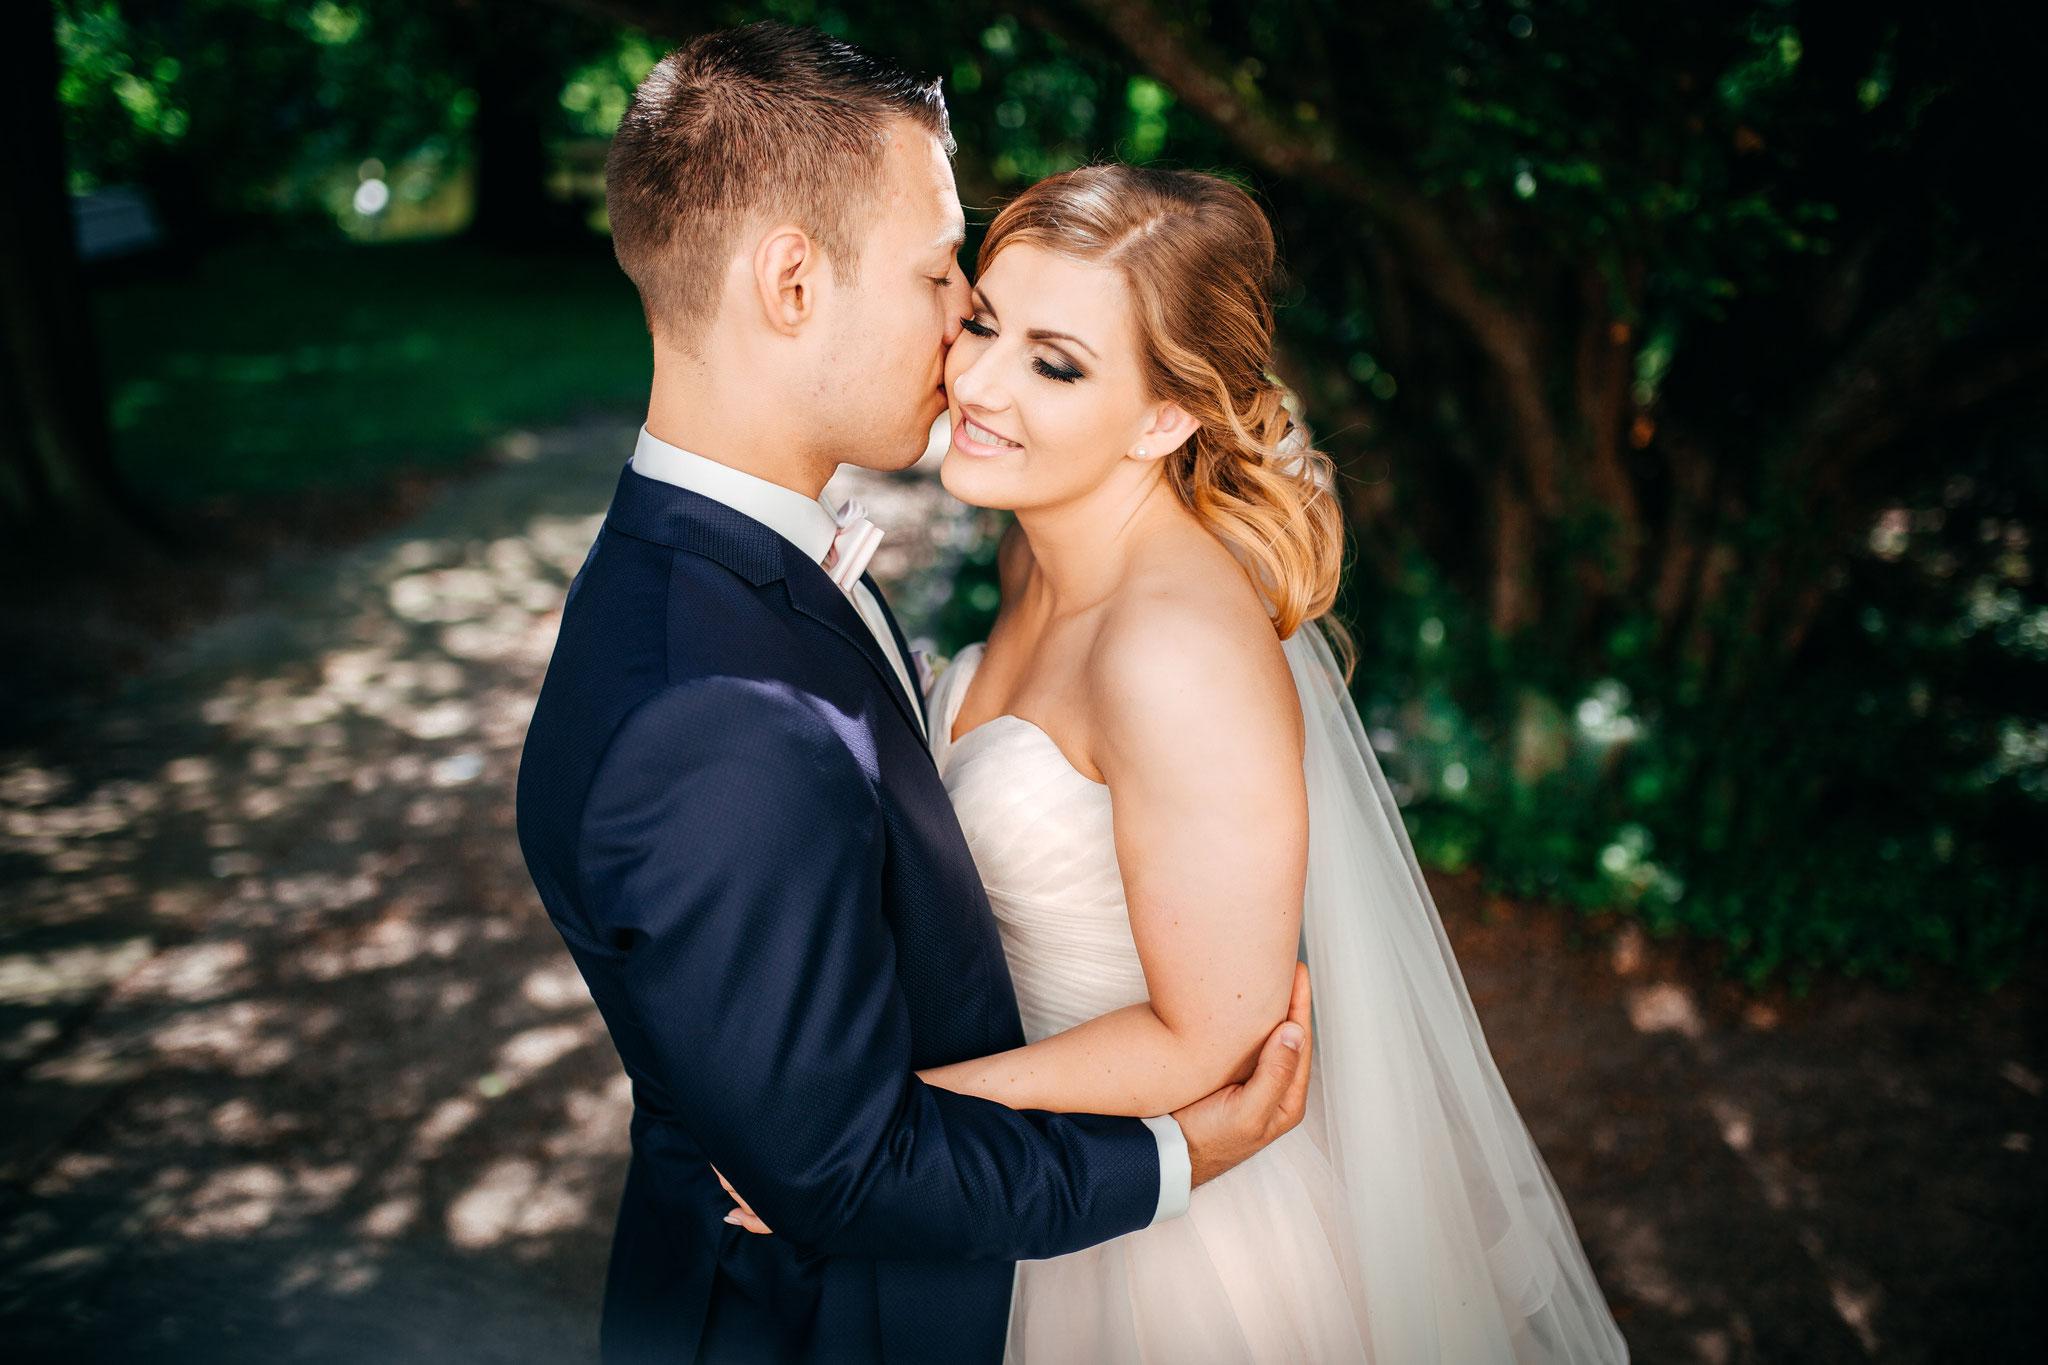 Vicky & Alex - Hochzeitsfotografen in Lingen